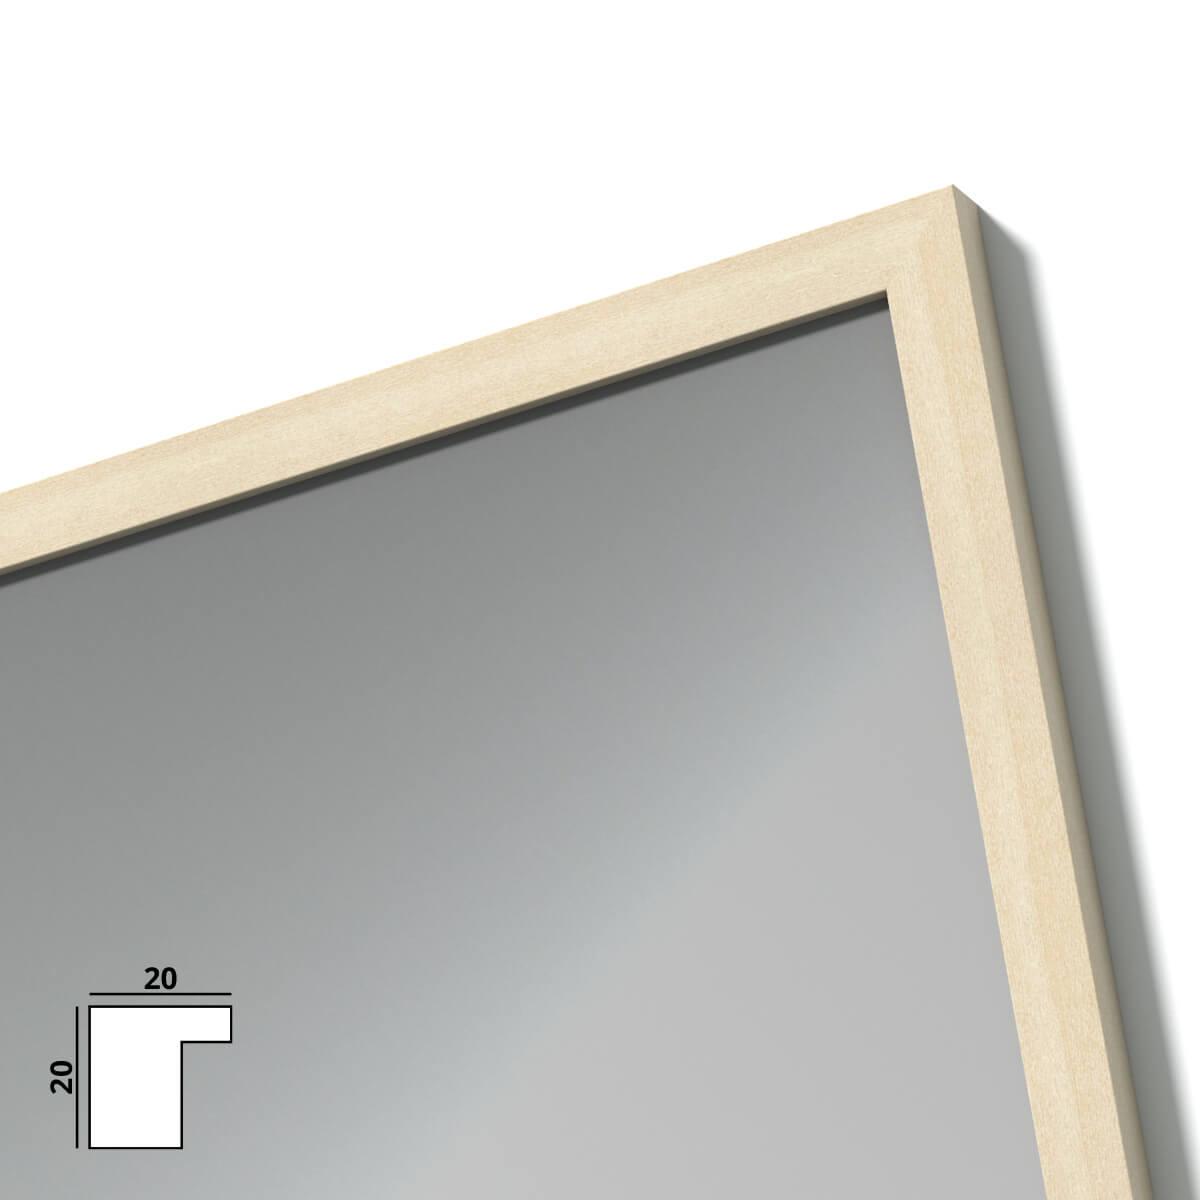 spiegel mit holzrahmen nach ma inn 989709714. Black Bedroom Furniture Sets. Home Design Ideas